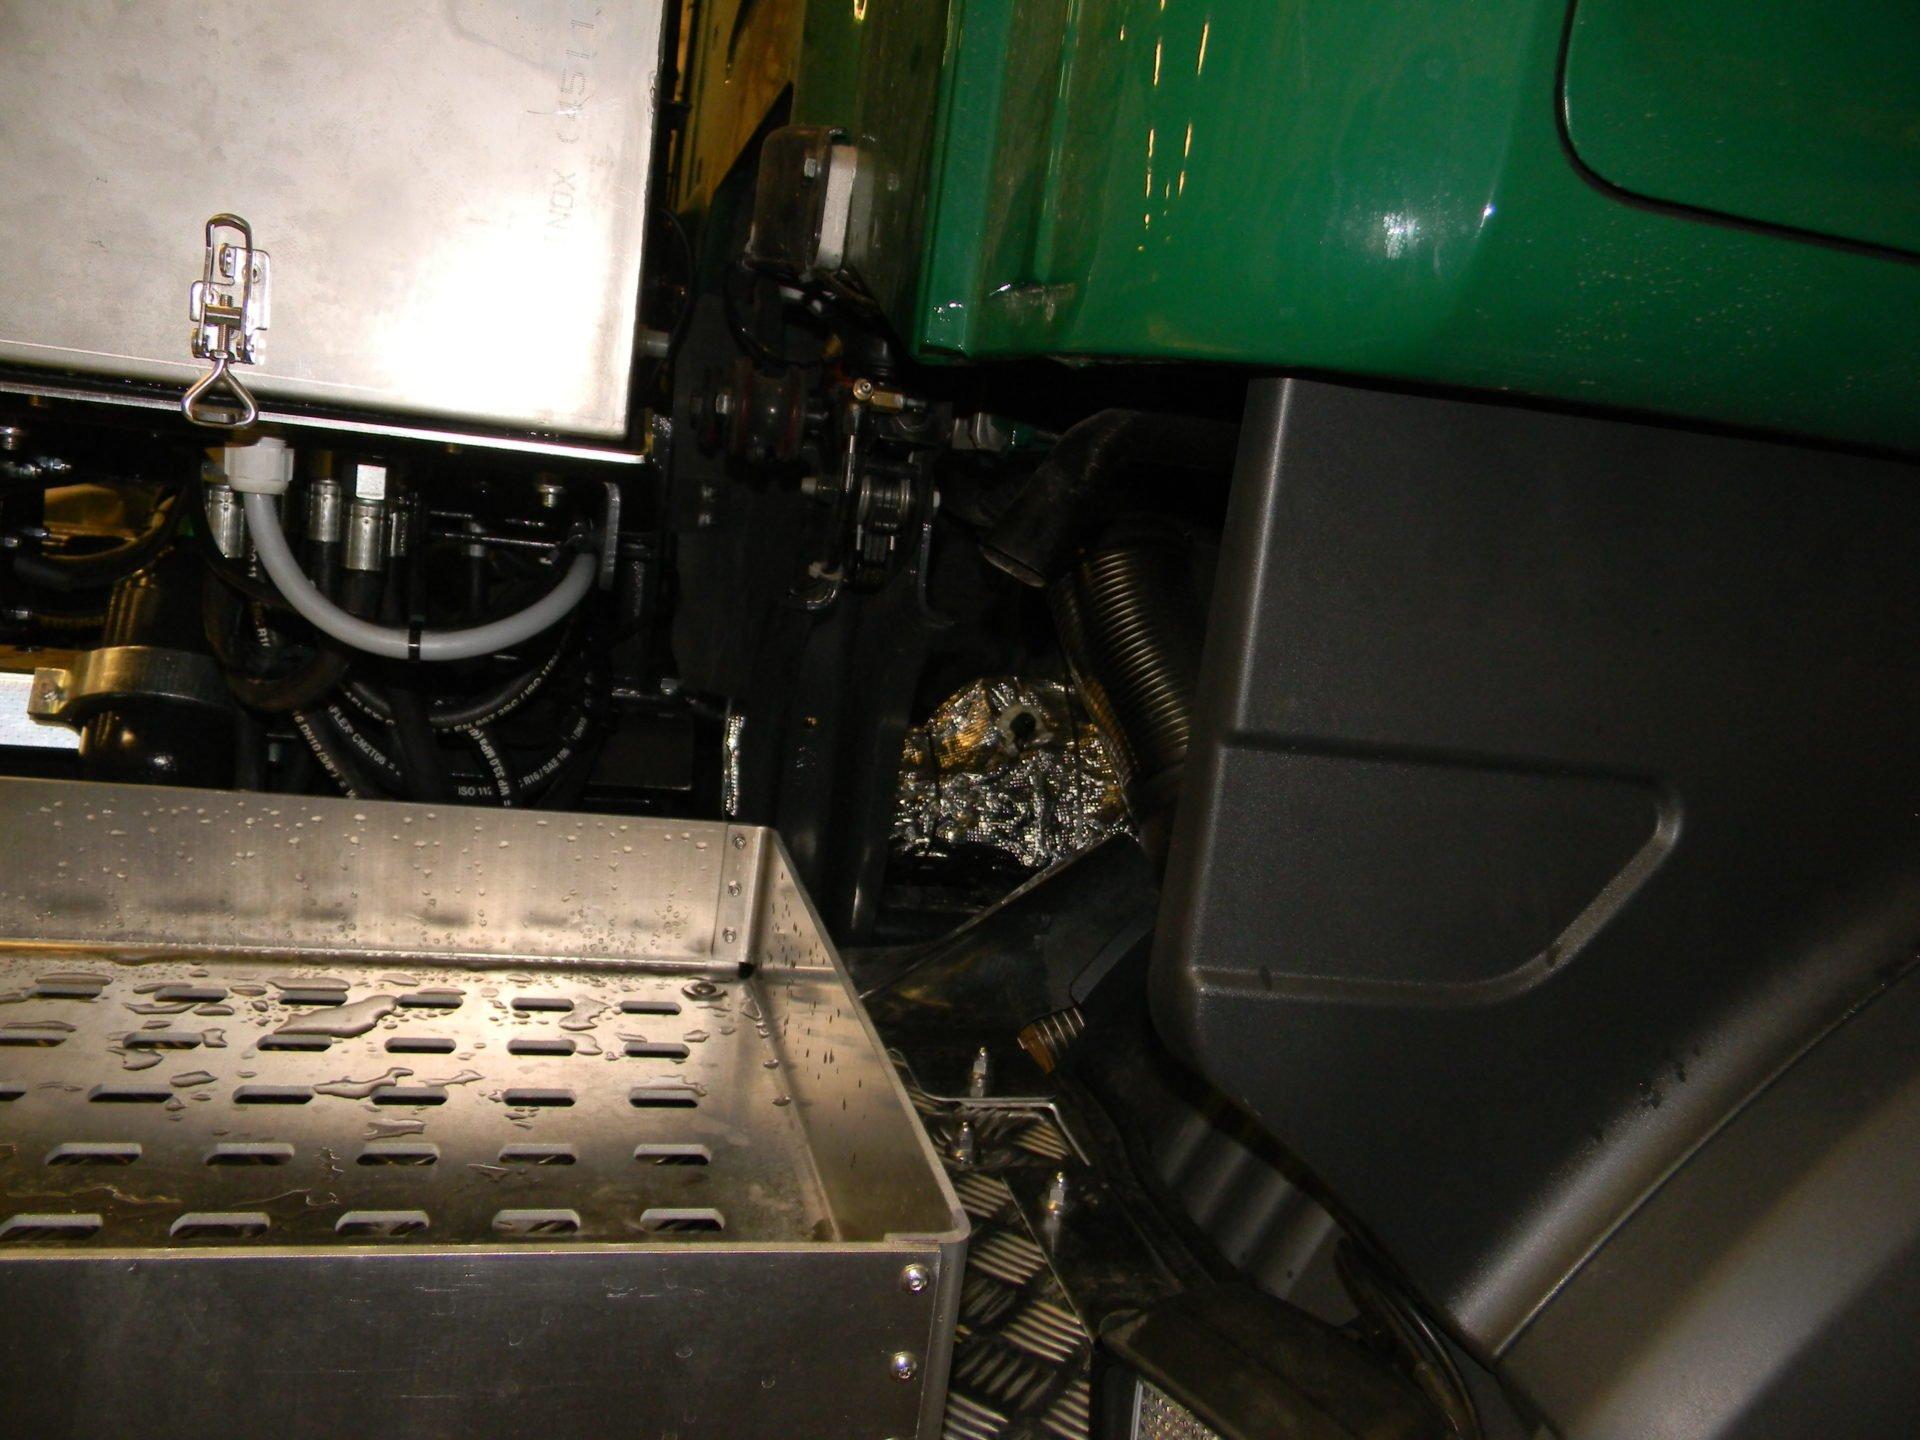 1501459 Köttsjöns Gräv och Transport (10)